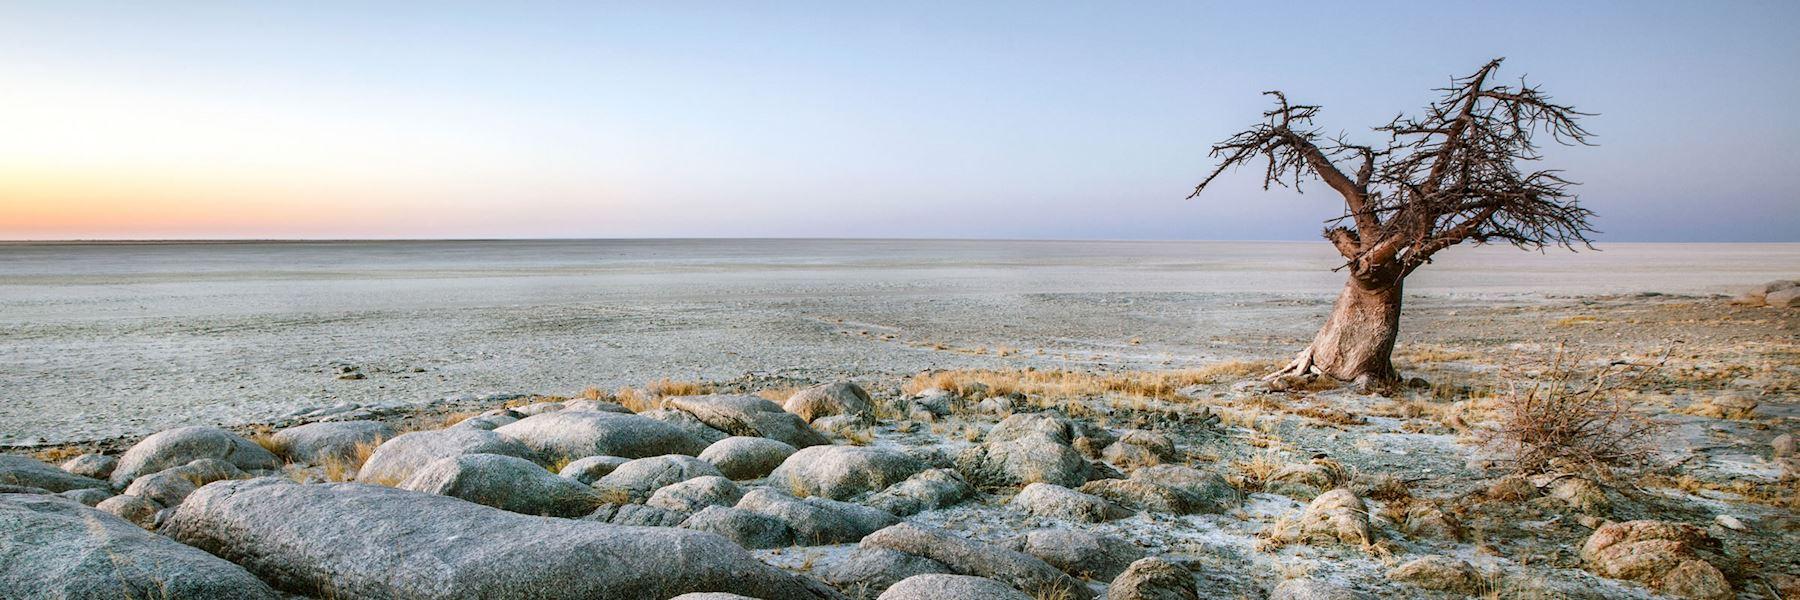 Visit Makgadikgadi Pans, Kalahari, Botswana